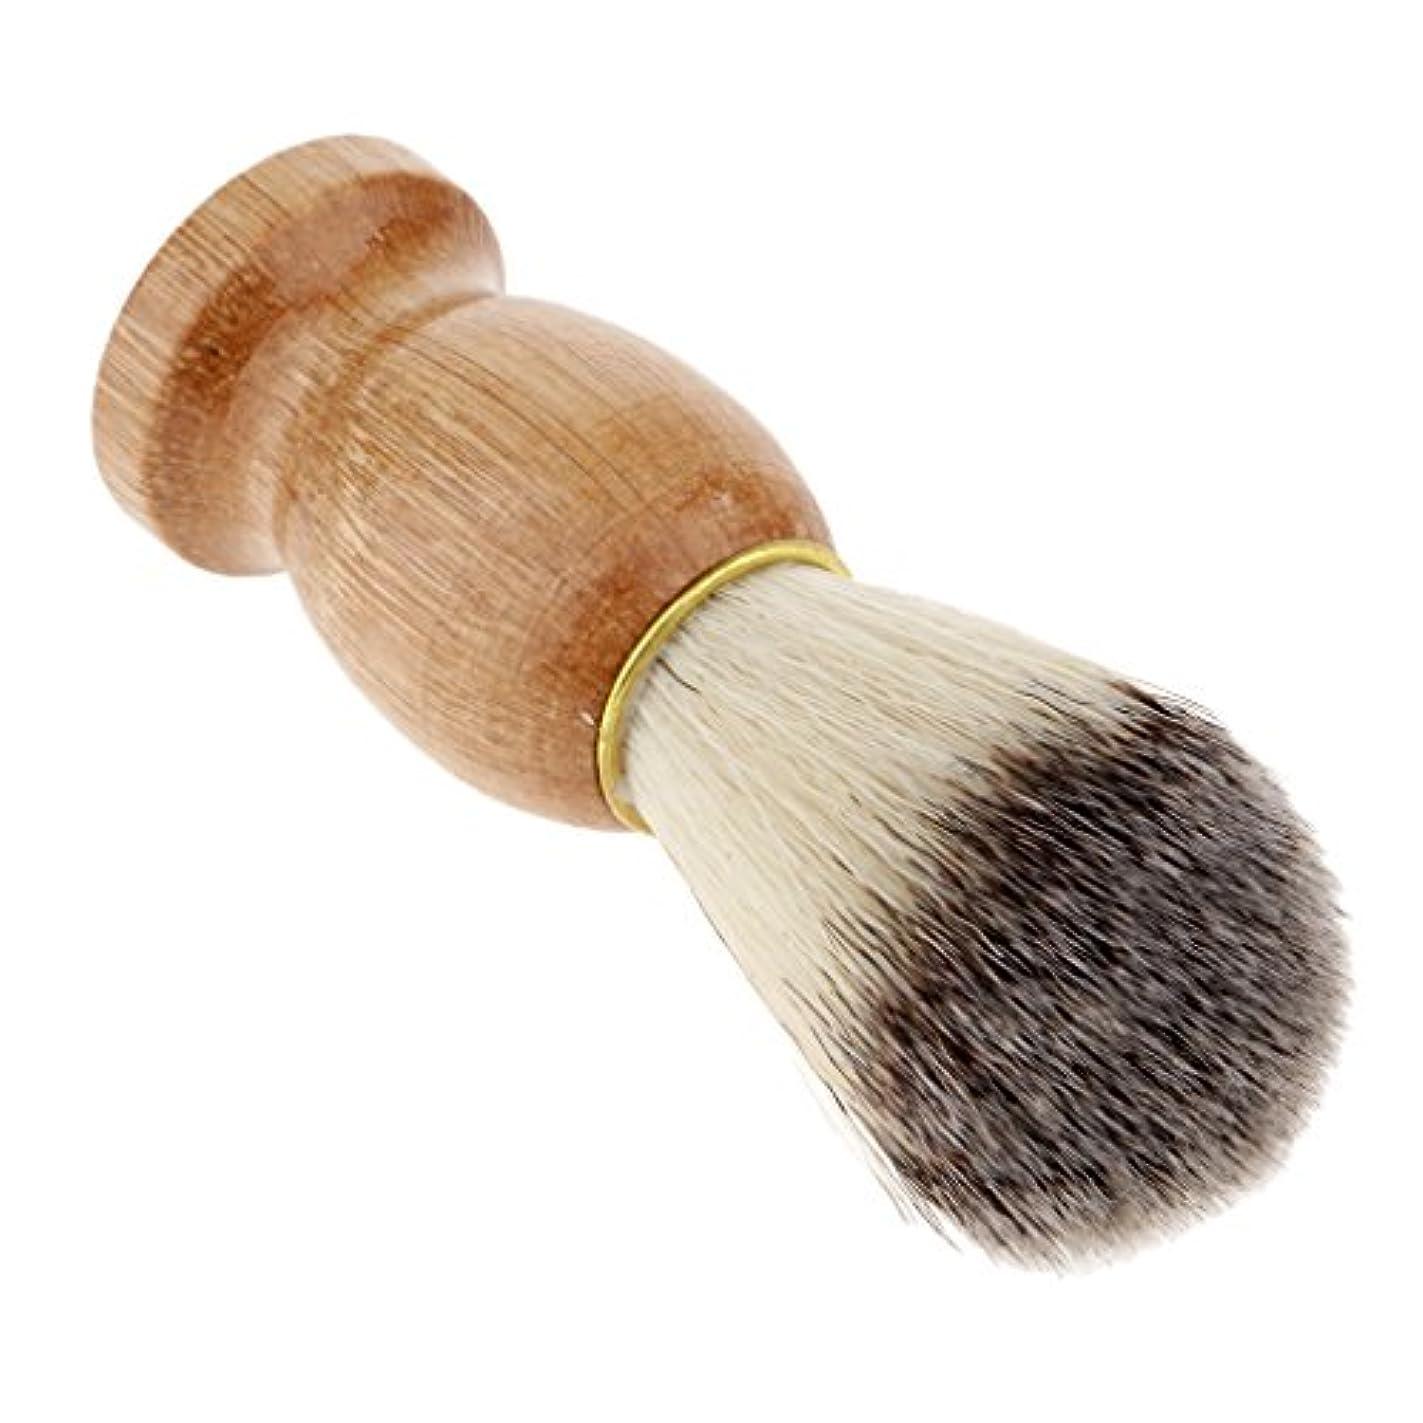 ダニ鉱夫ポンプ人毛ひげの切断の塵の浄化のための木製のハンドルの剛毛の剃るブラシ